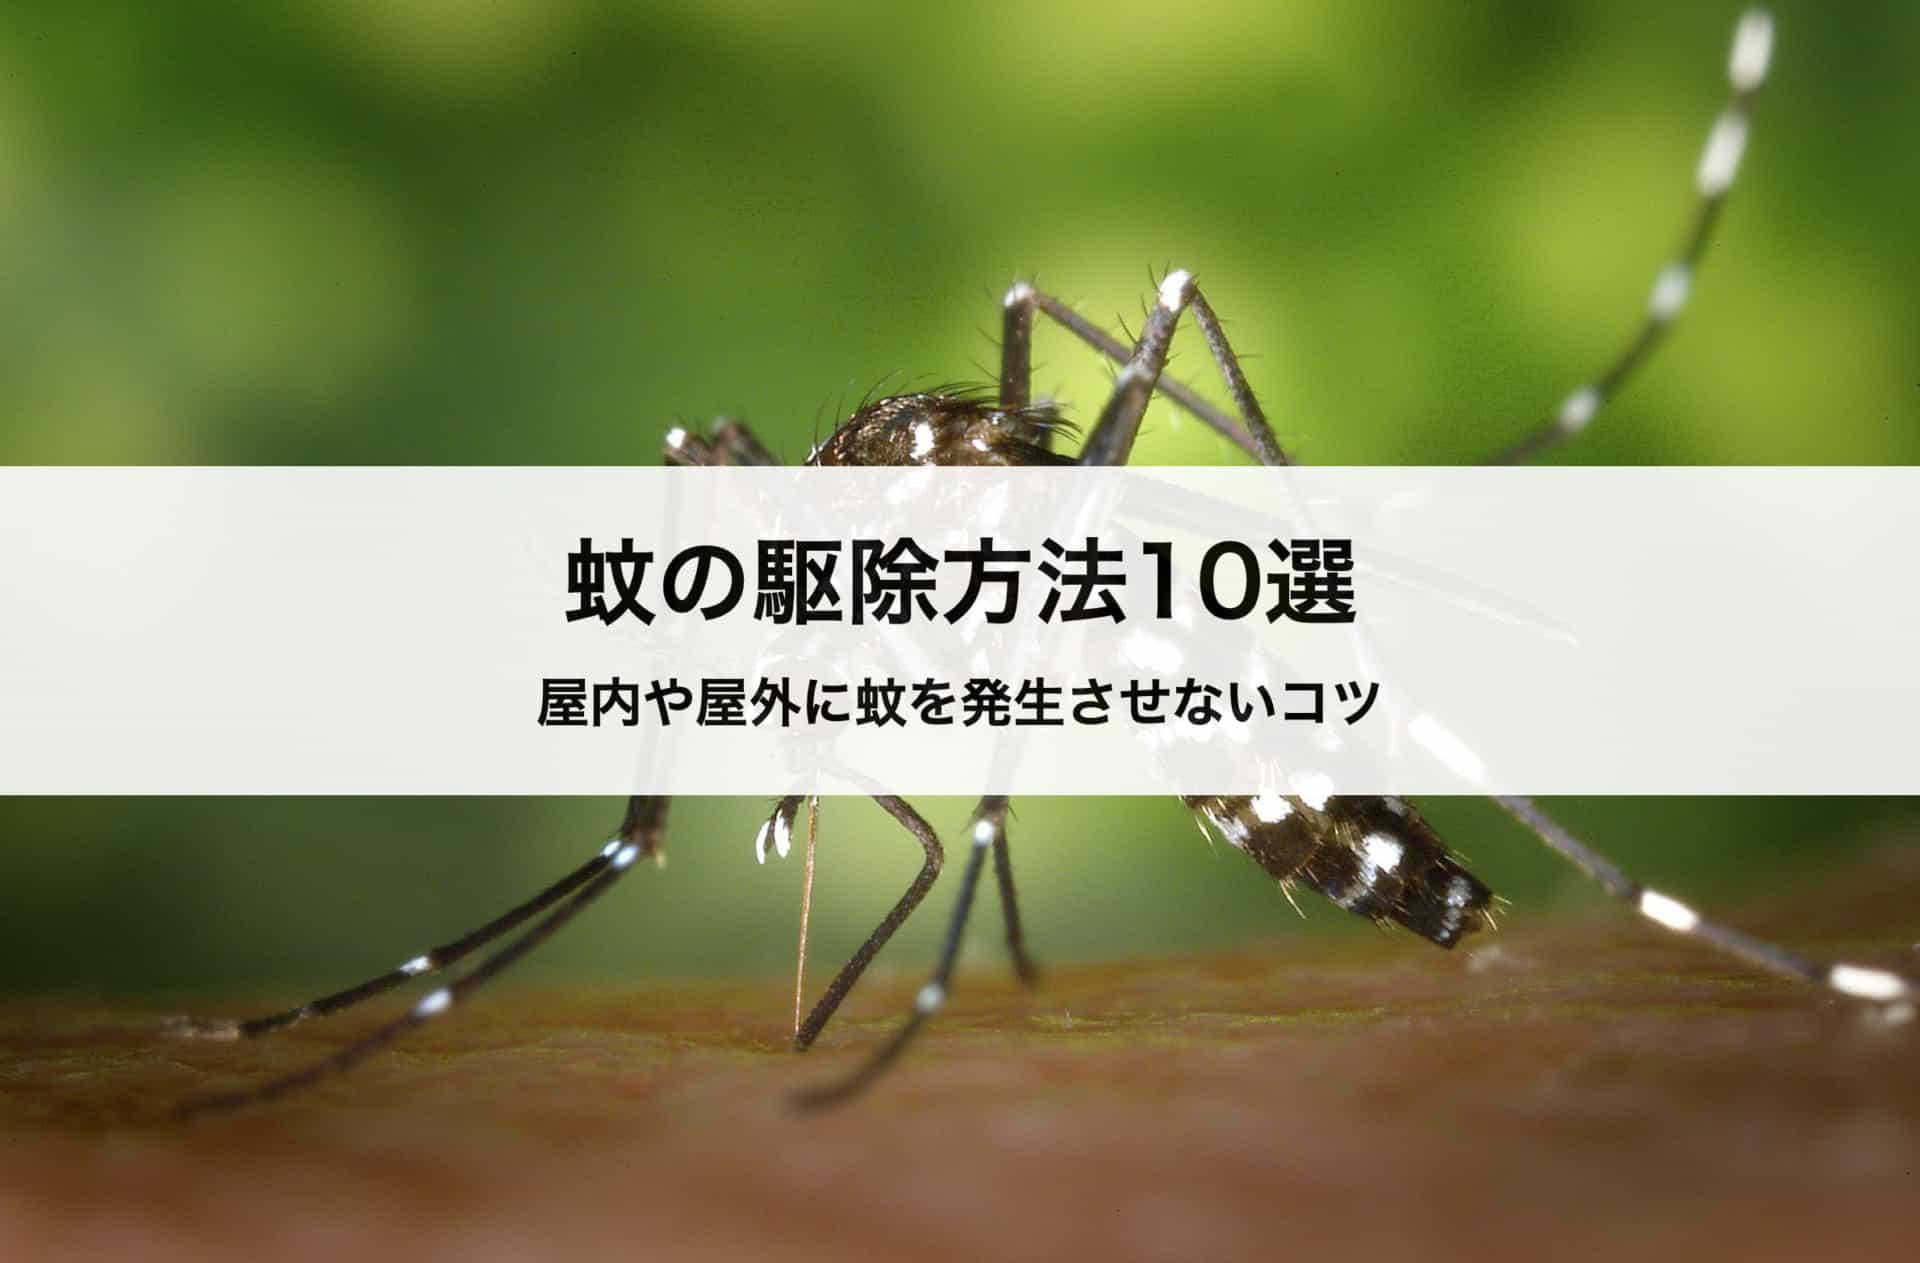 蚊の駆除方法&退治方法10選|屋内や屋外に蚊を発生させないコツとは?